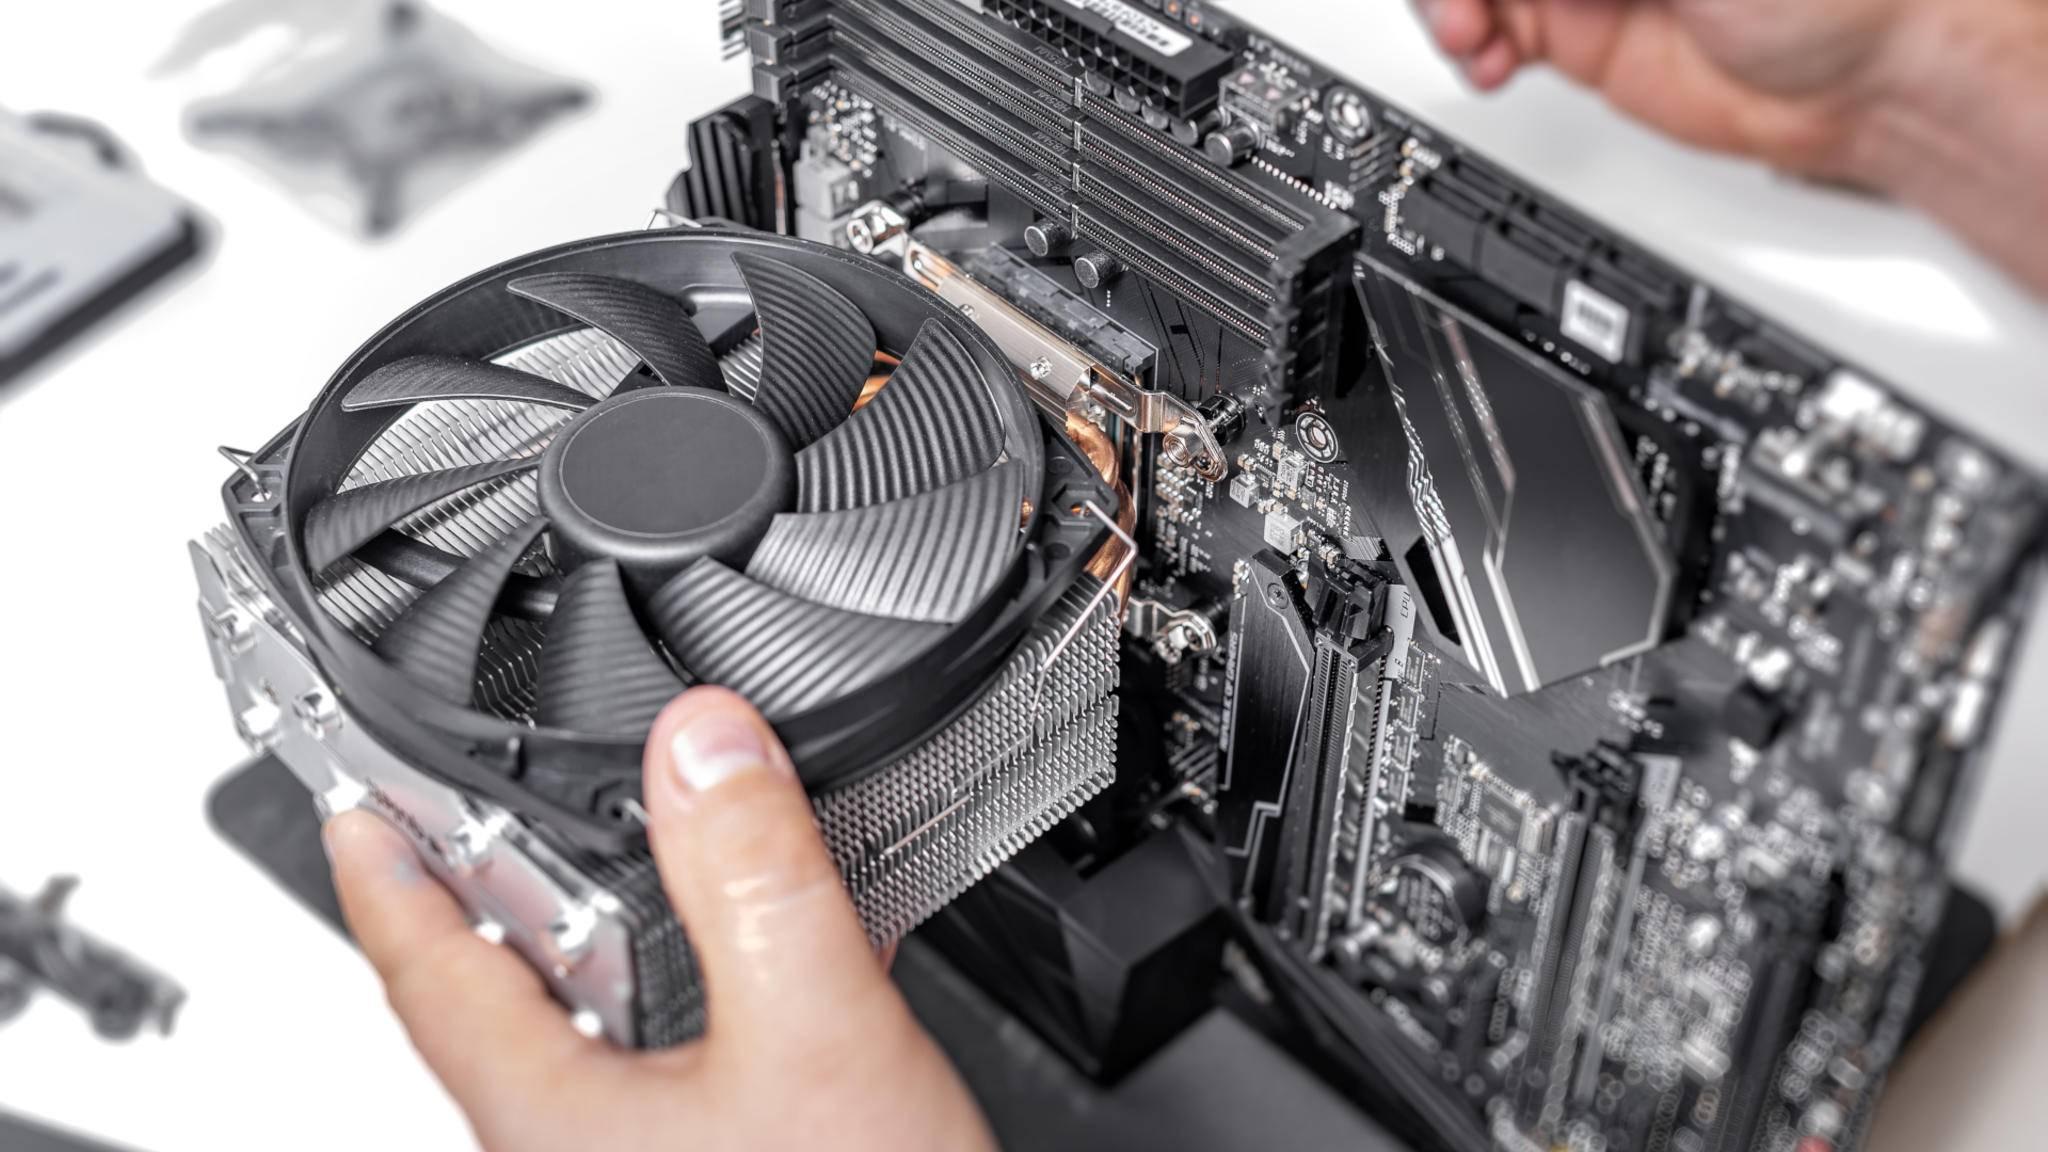 PC-Kühlung: 7 empfehlenswerte CPU-Lüfter